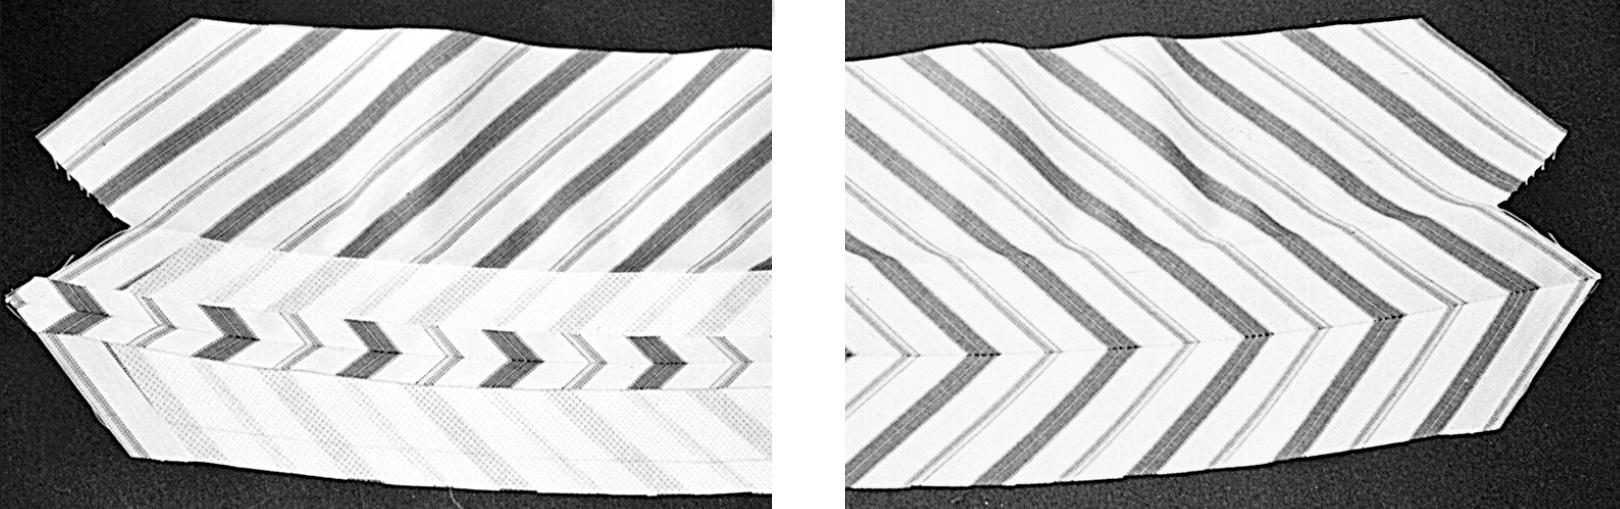 Abgebildet ist ein in Form geschnittener Stehkragen aus Musterstoff.